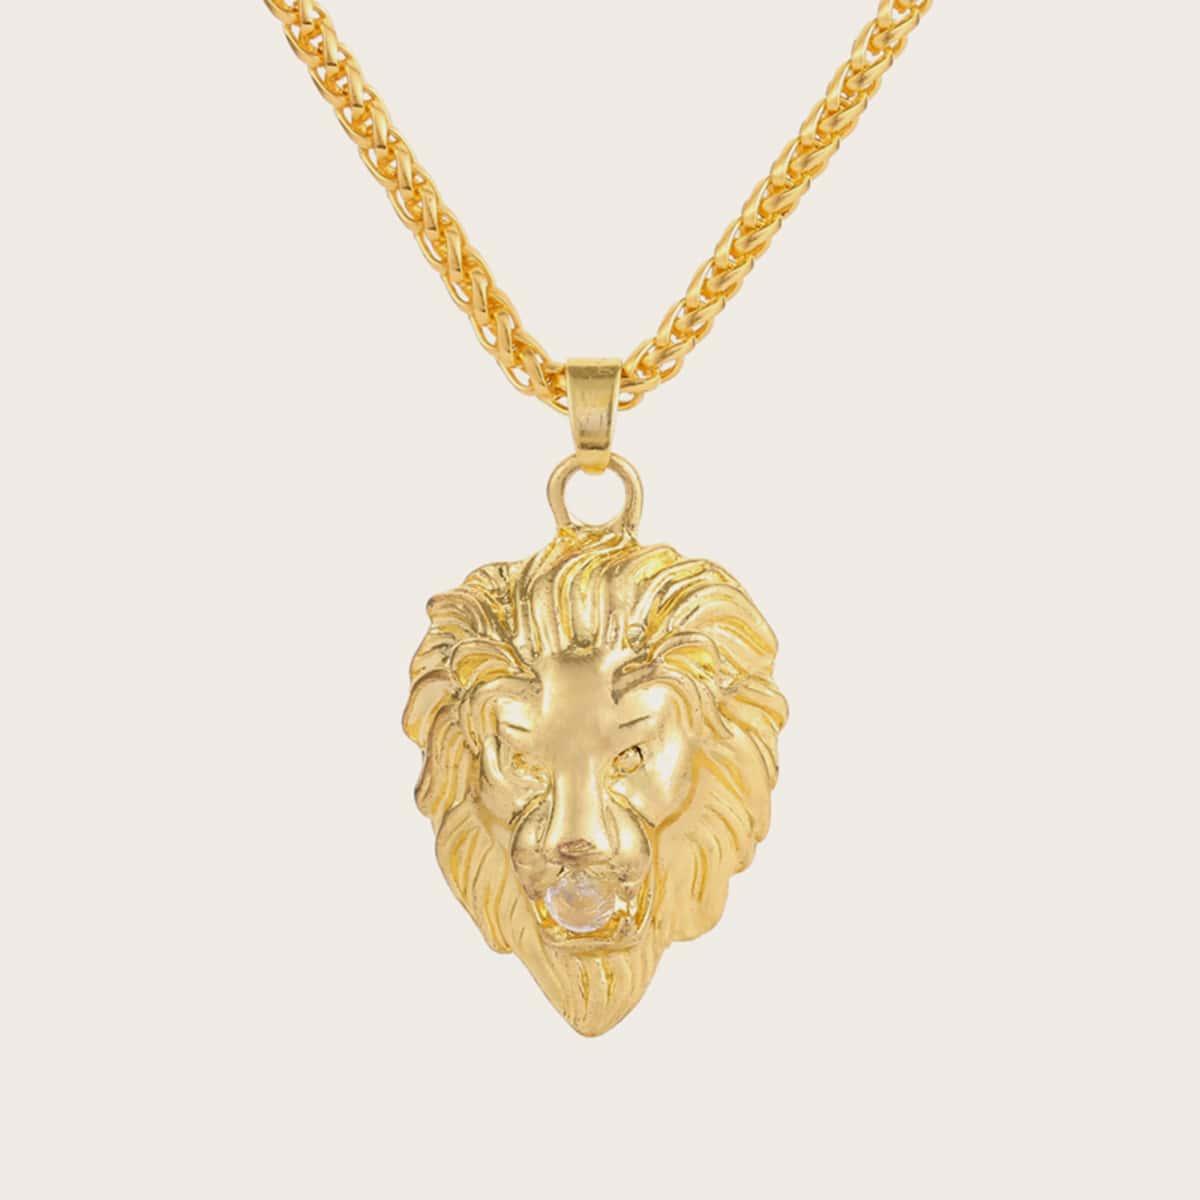 Мужское ожерелье с подвеской лева 1шт от SHEIN